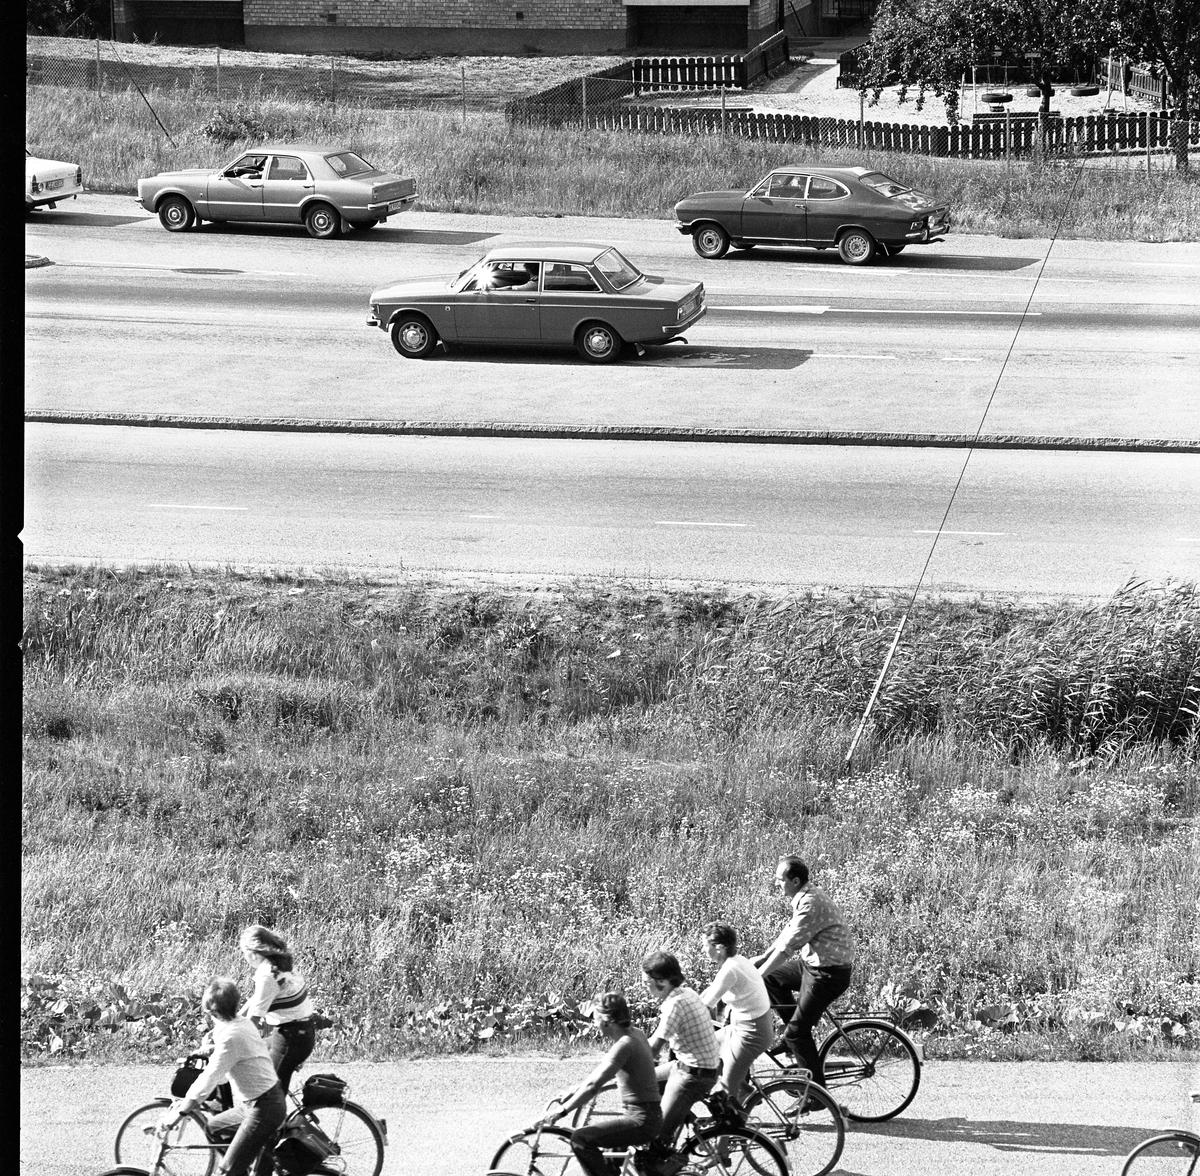 Cyklister och bilförare på Västermovägen, Brattberget. Daghemmet Biet ses i bakgrunden.